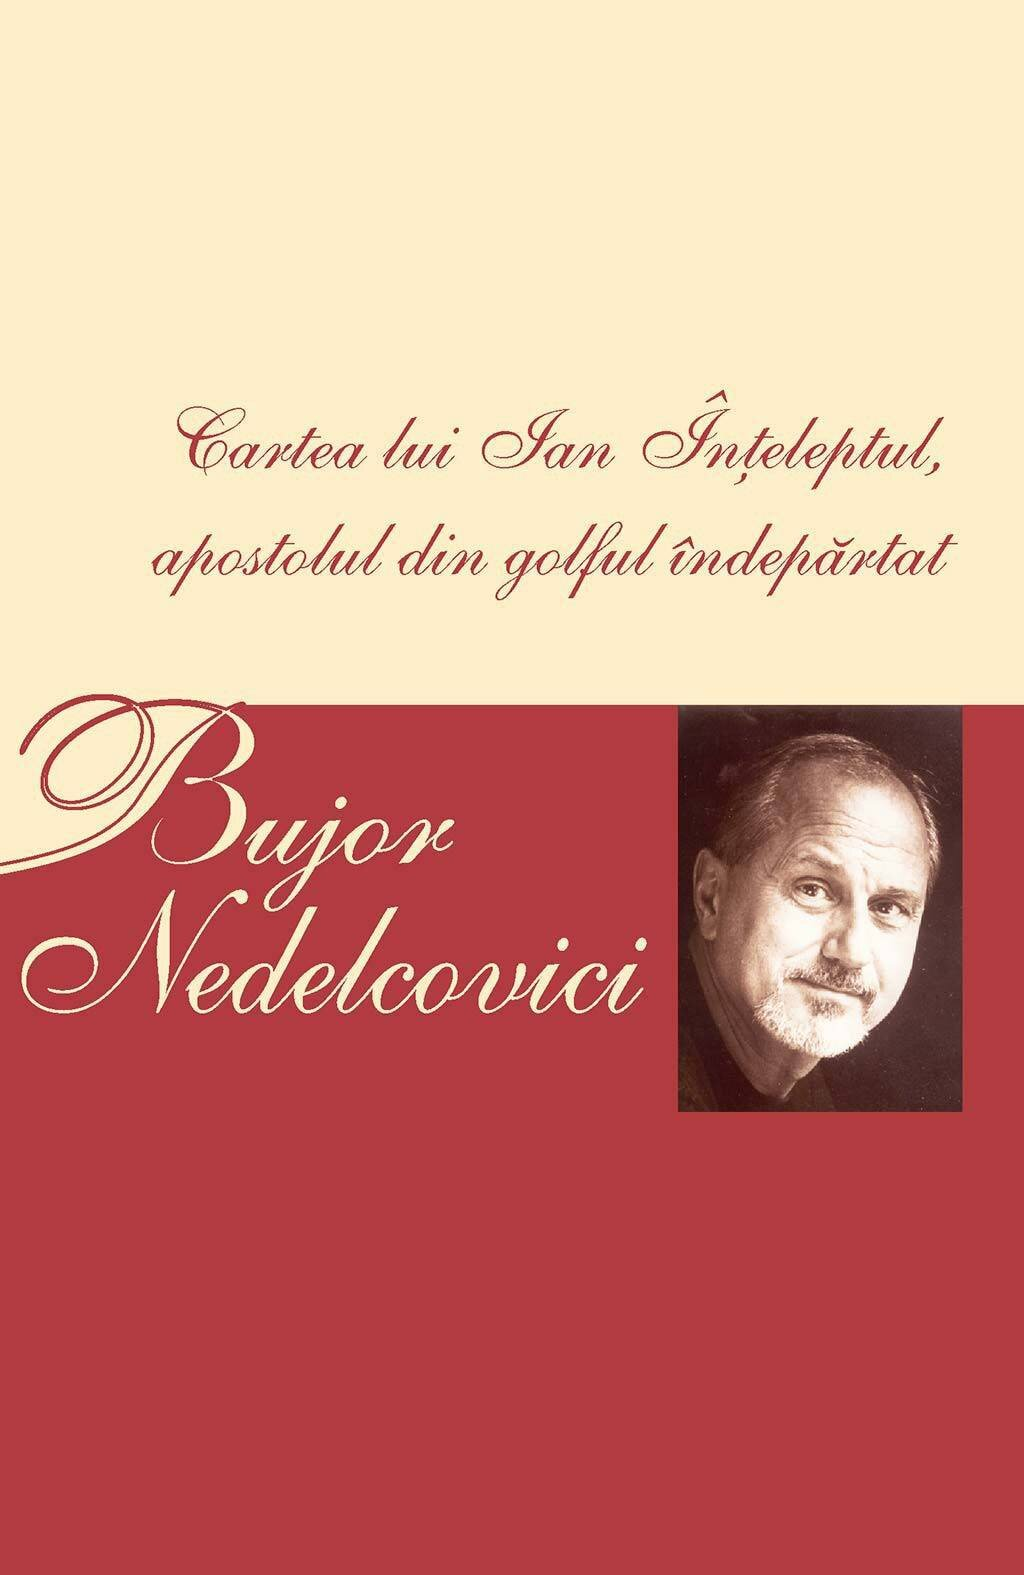 Cartea lui Ian Inteleptul, apostolul din golful indepartat (eBook)